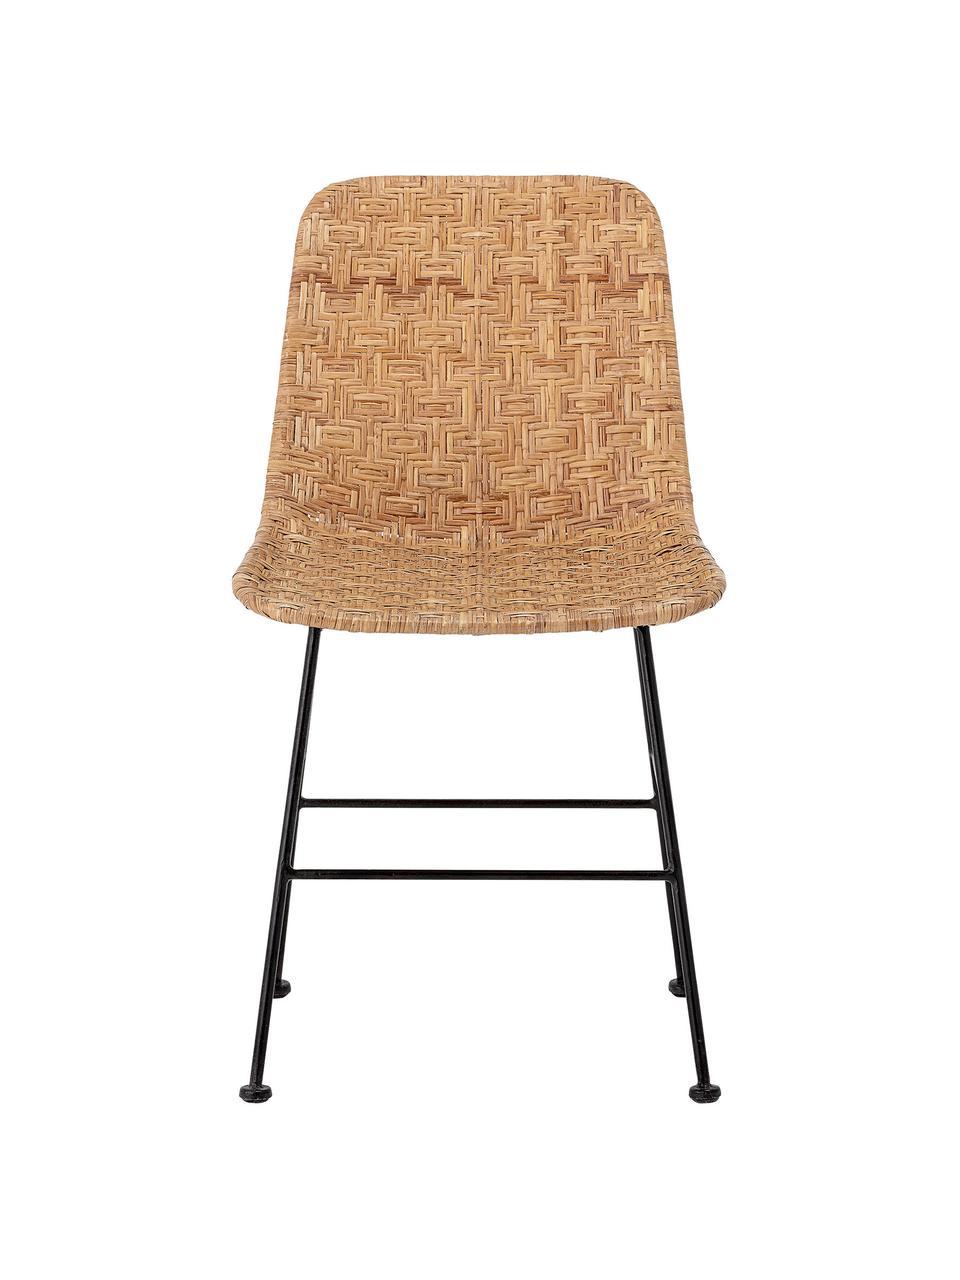 Rattan-Stuhl Kitty in Beige, Sitzfläche: Rattan, Beine: Metall, beschichtet, Beige, B 55 x T 44 cm